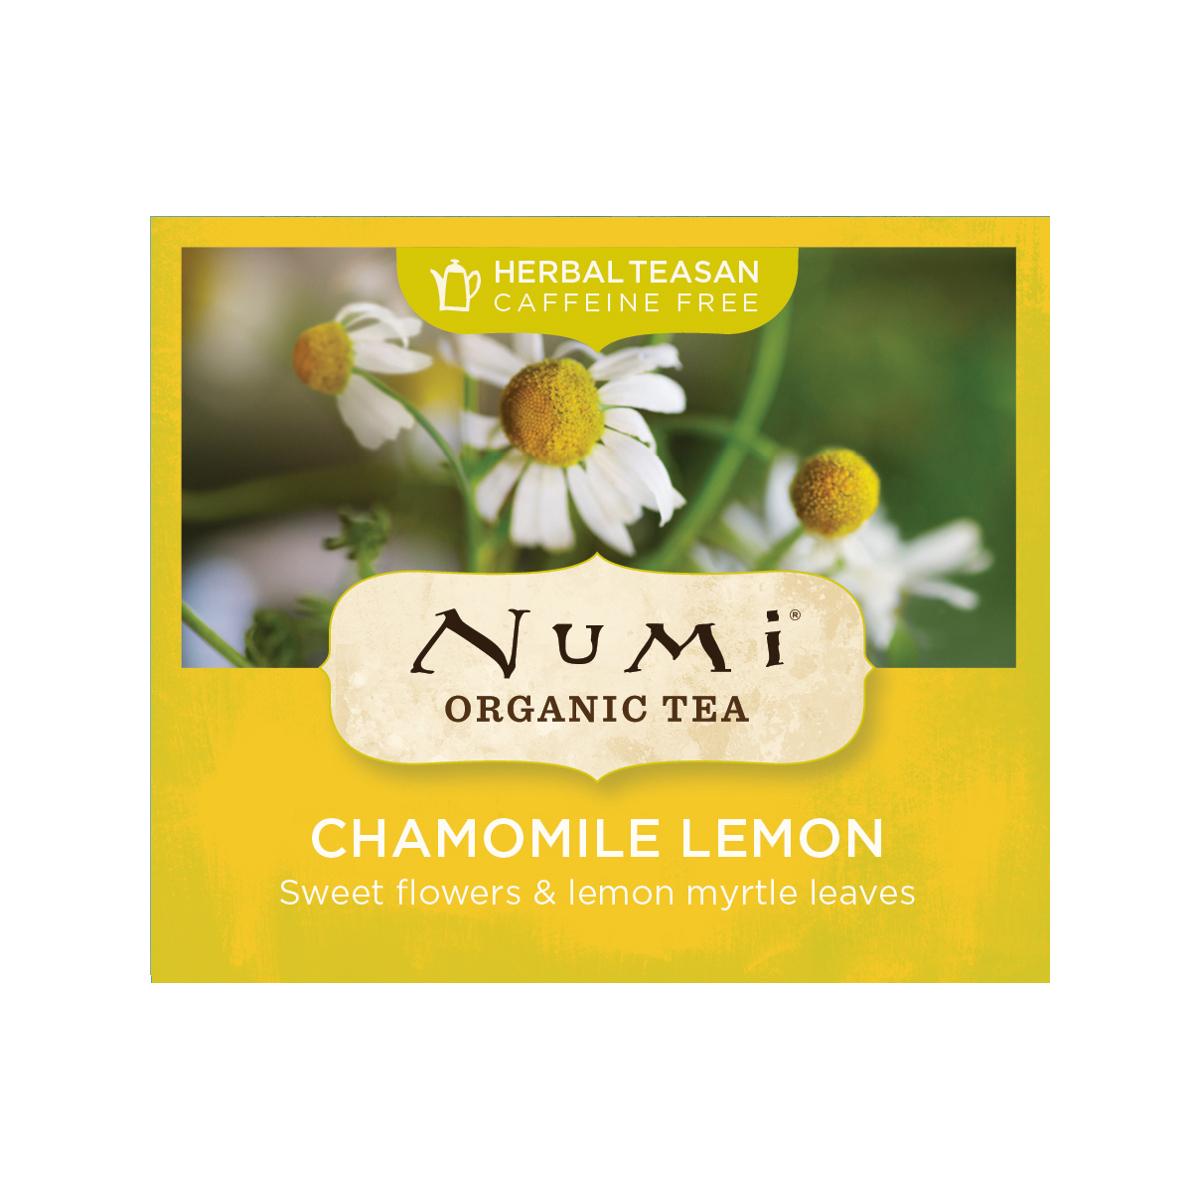 Numi Bylinný čaj Chamomile Lemon 1 ks, 1,7 g